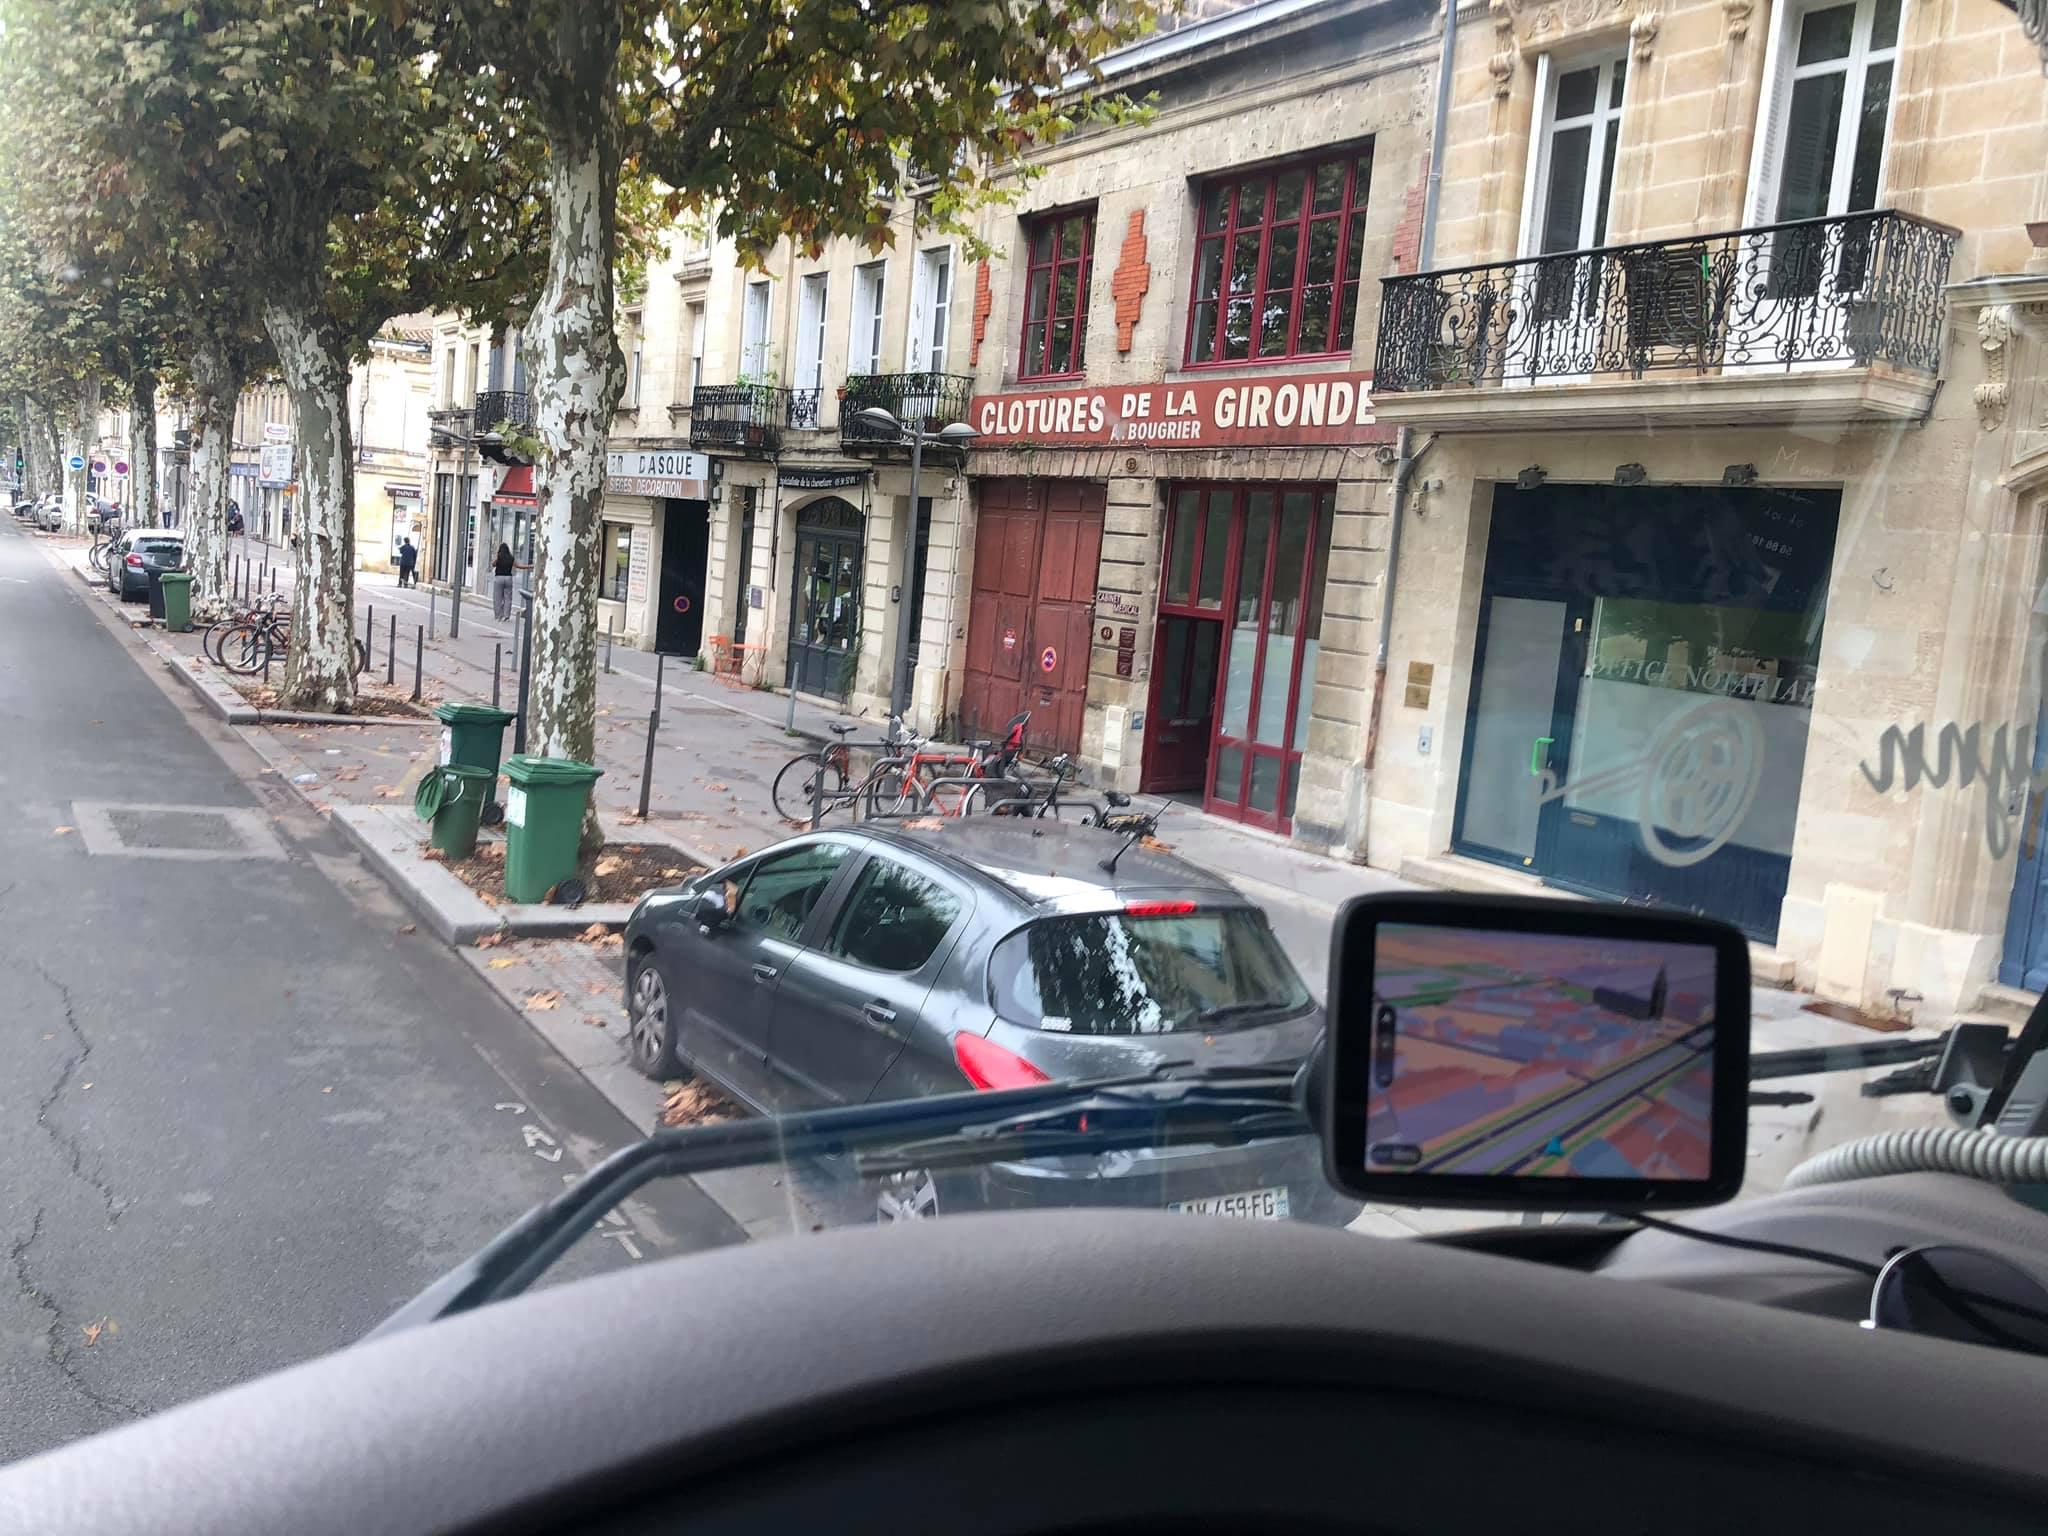 samen-een-mooie-tour-in-de-regio-van-Bordeaux-gemaakt-26-9-2020---(17)